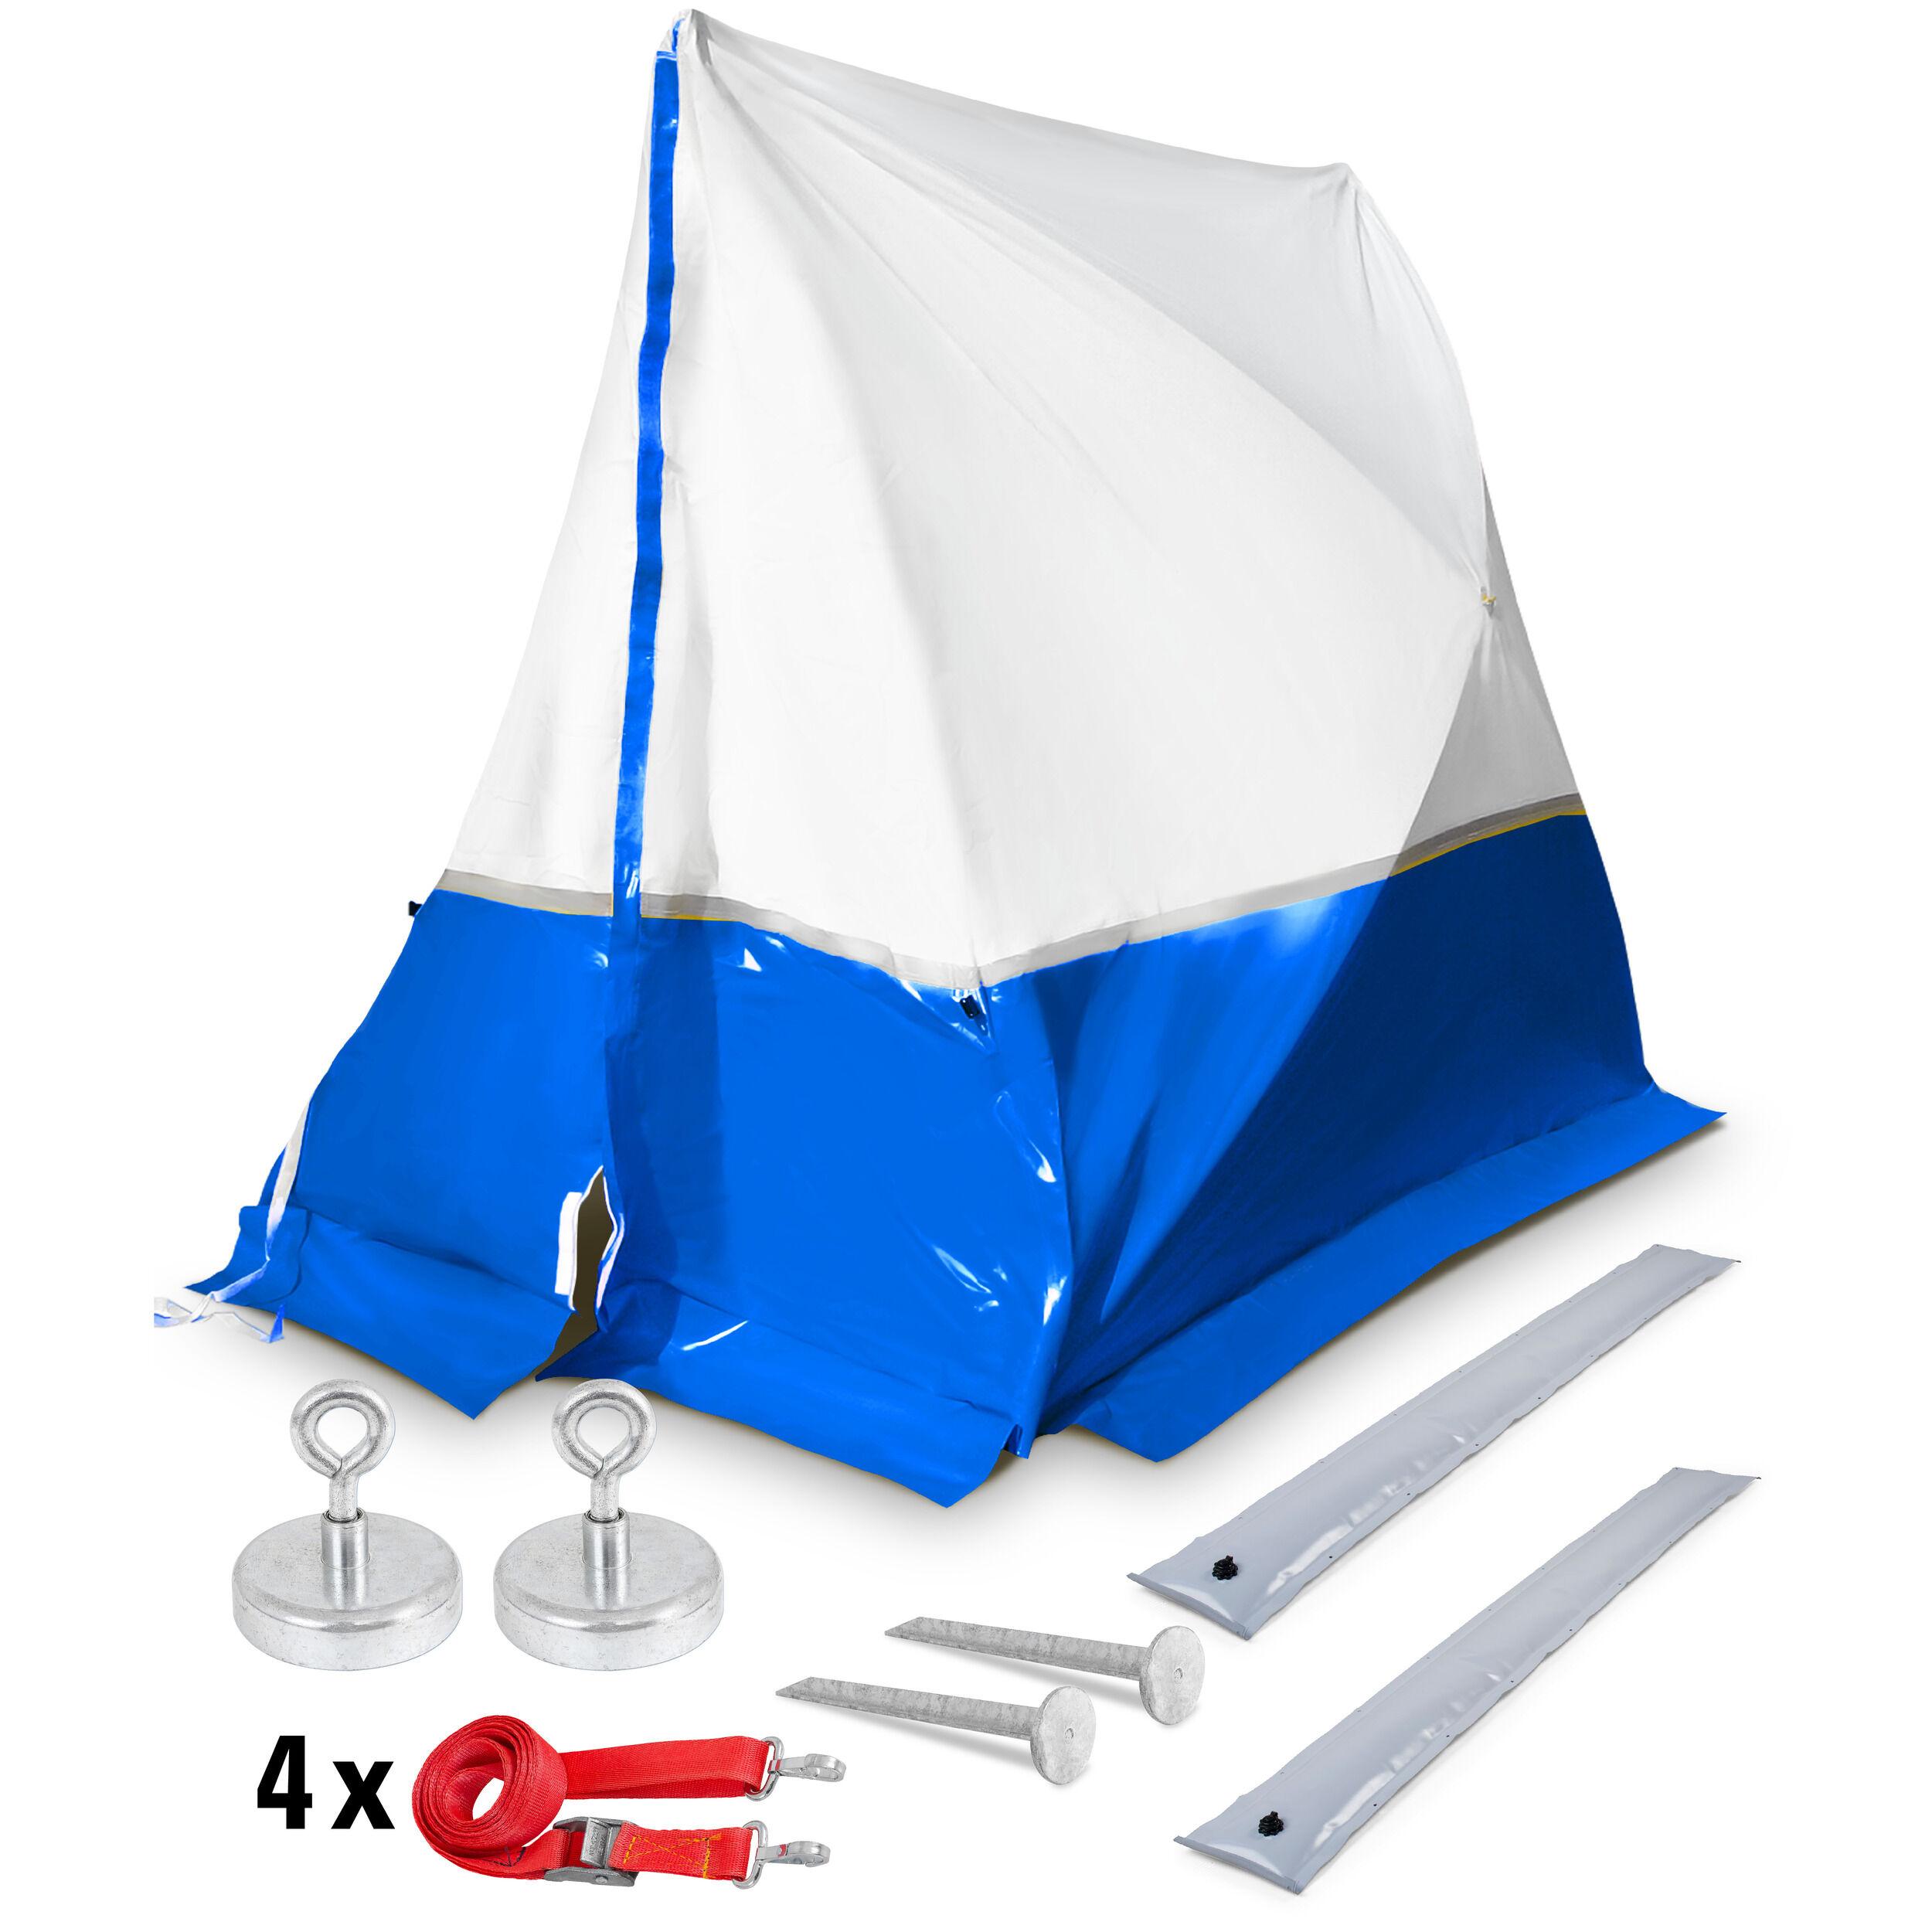 trotec tenda da lavoro 250 te 250*200*190 a tetto spiovente - blu + accessori